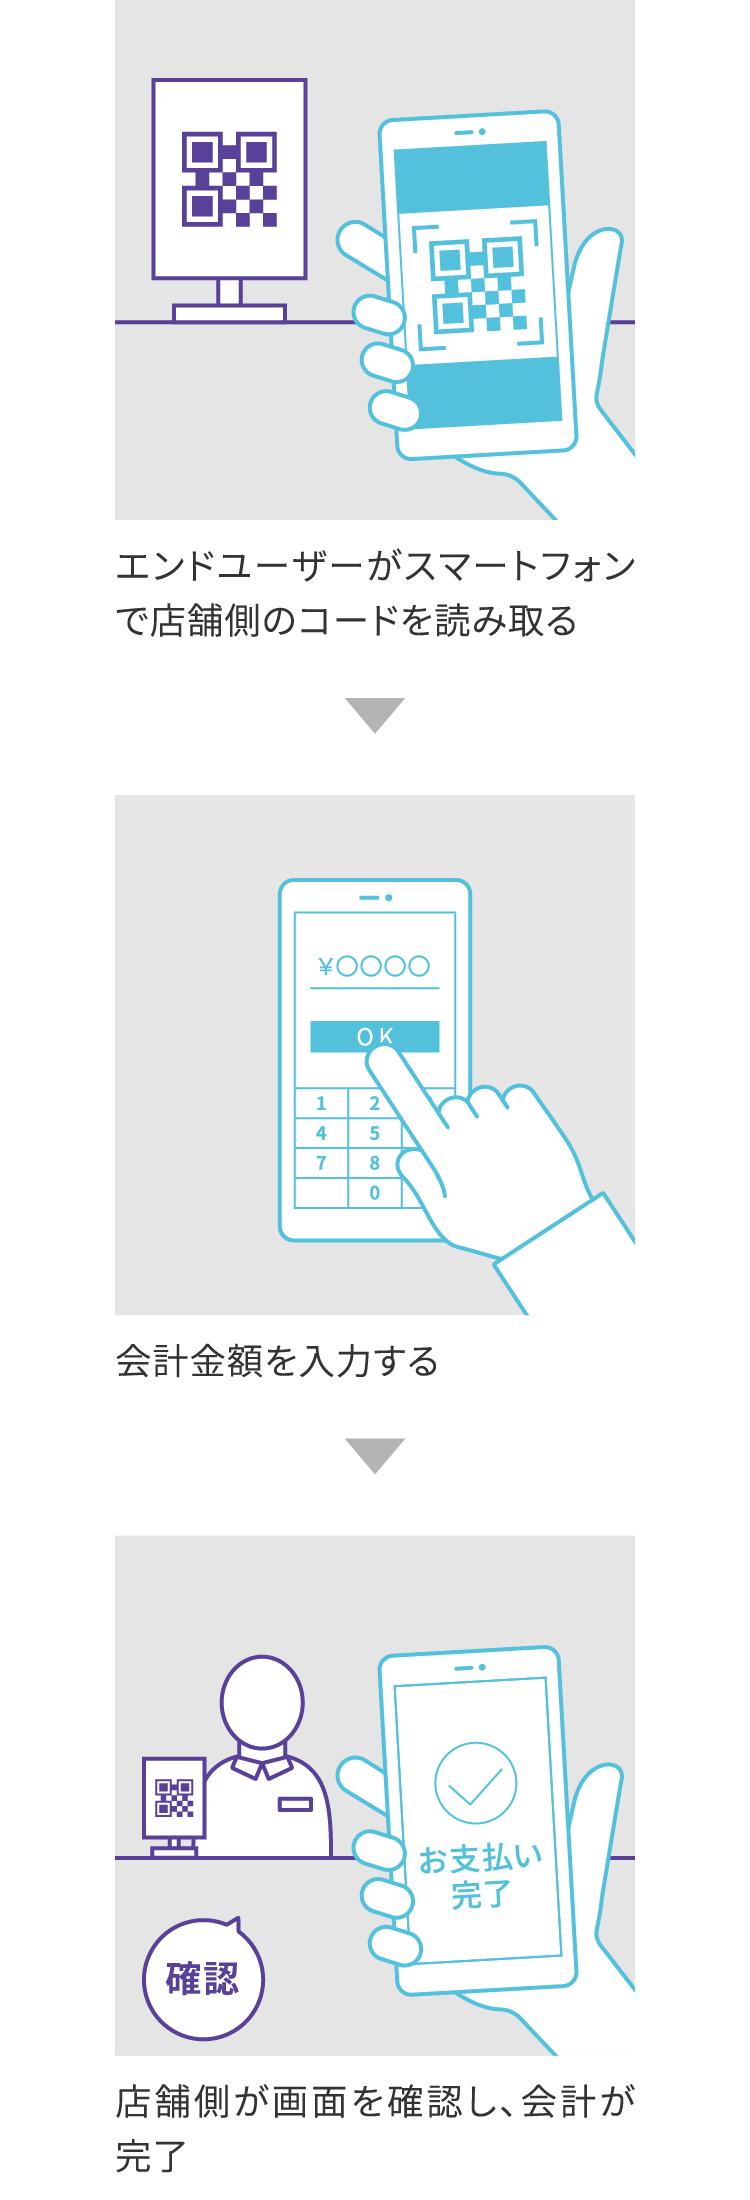 「店舗提示型」のQRコード決済